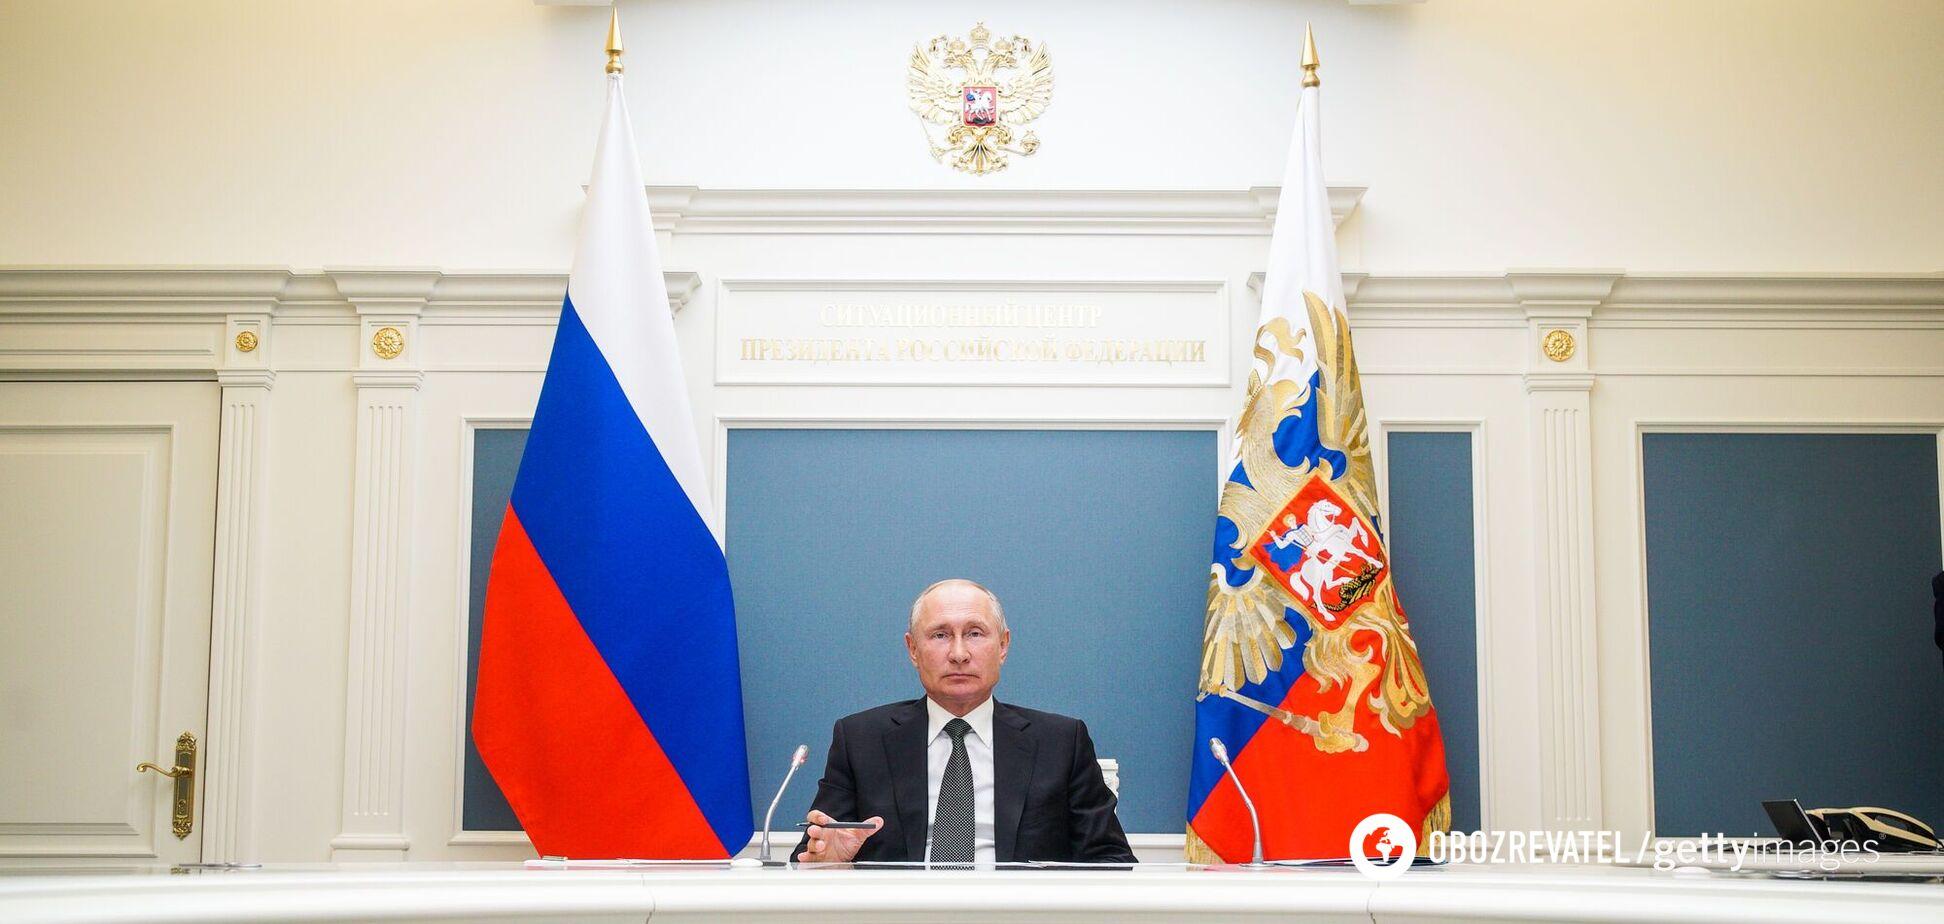 Власть Владимира Путина заметно ослабевает, пишут российские блогеры и журналисты